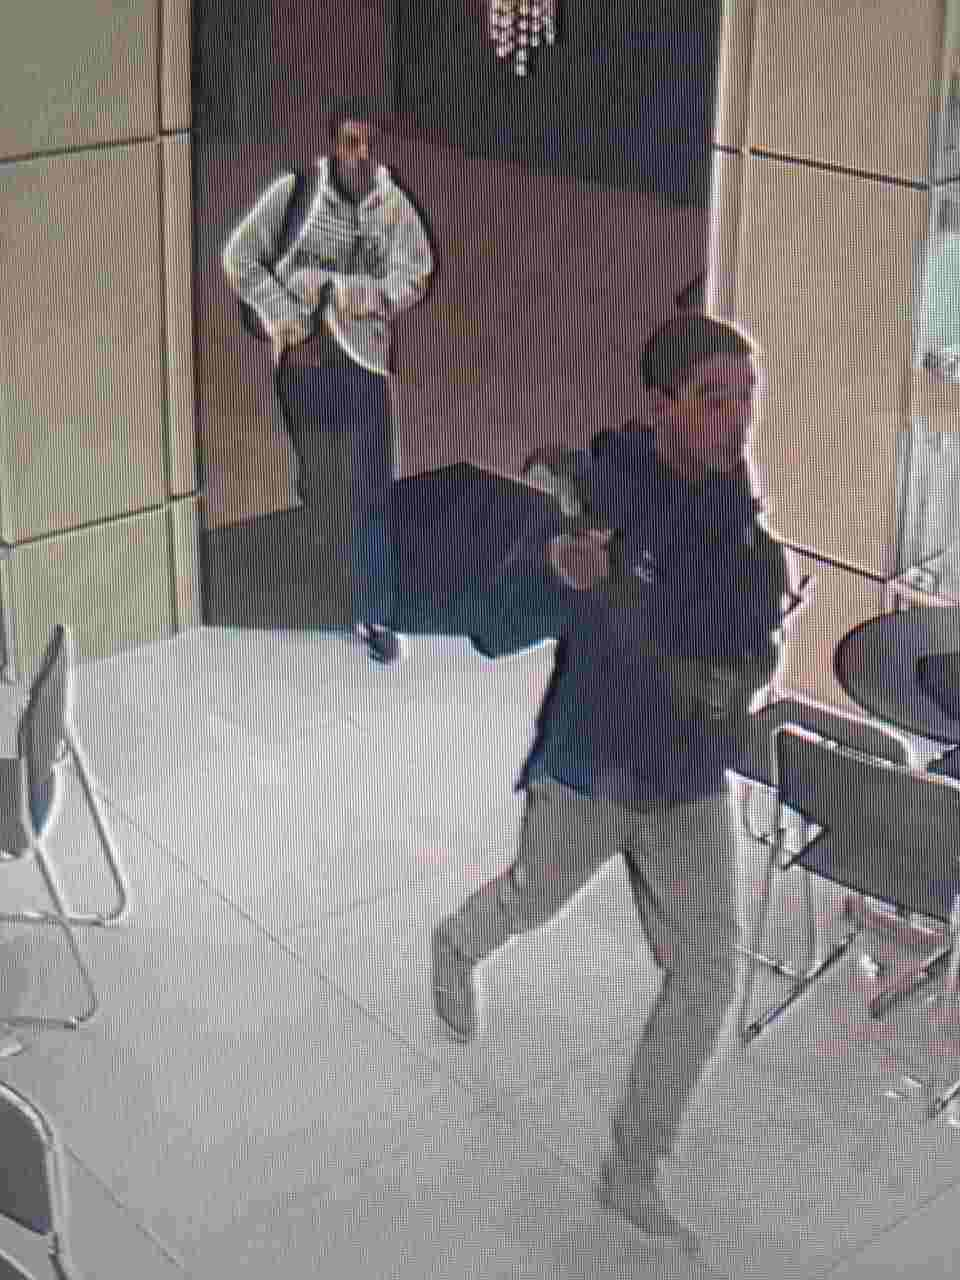 b0faba02b72 Criminosos foram flagrados durante assalto a joalheria dentro de shopping  de Aparecida